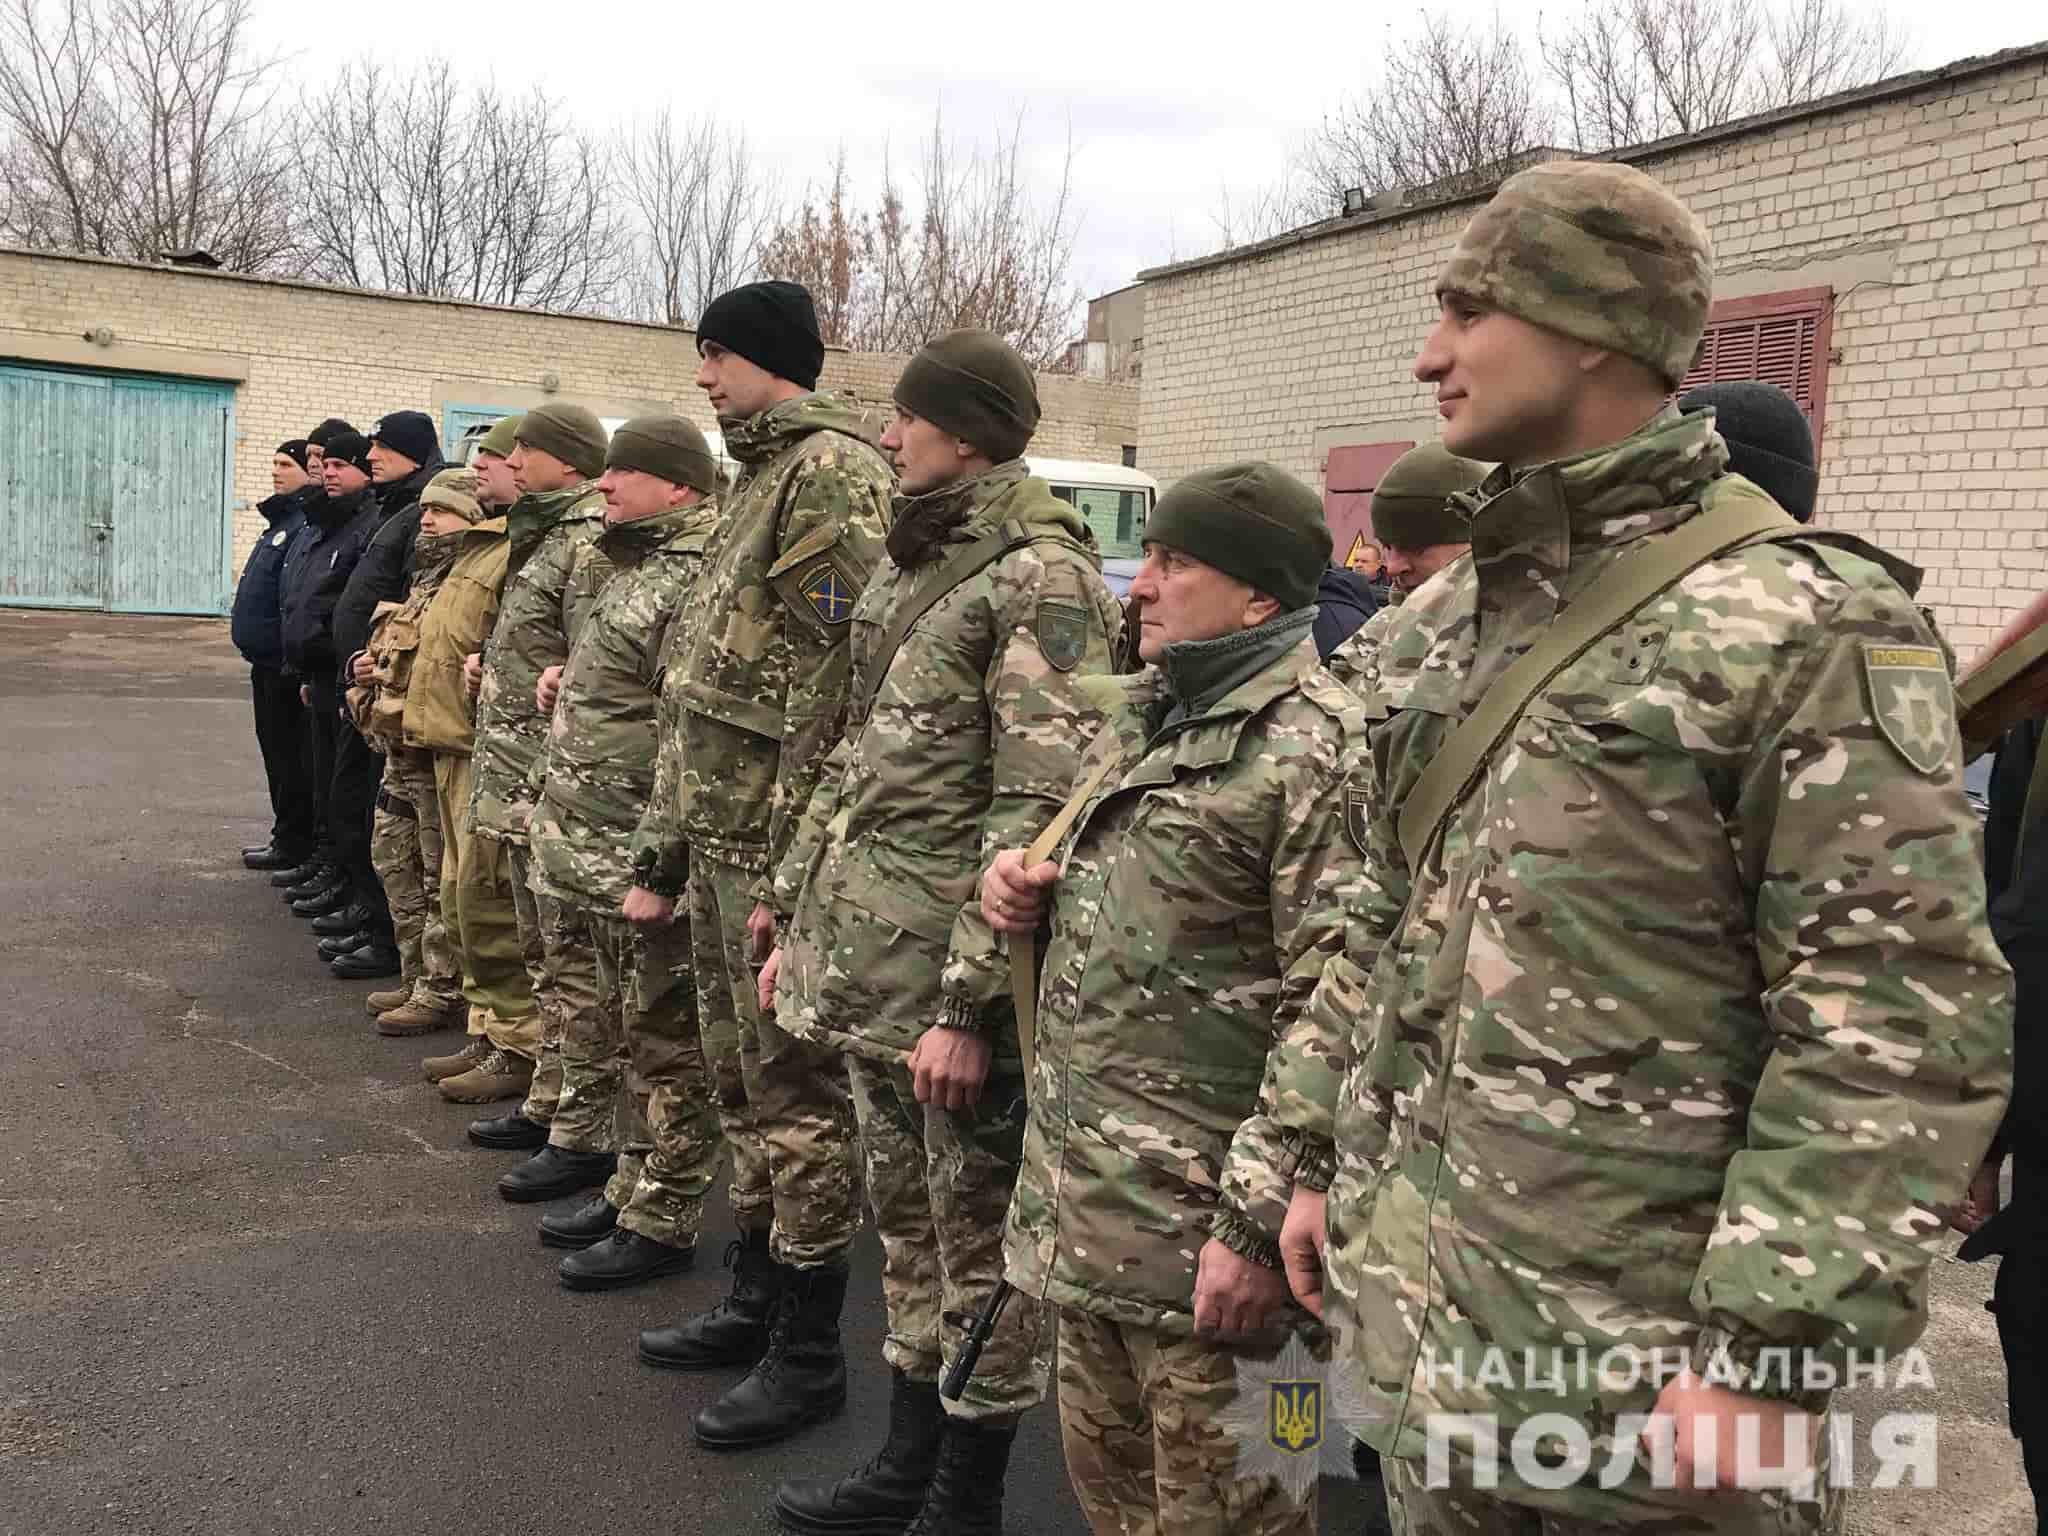 Бійці спецпідрозділу поліції Волині вирушили в зону ООС